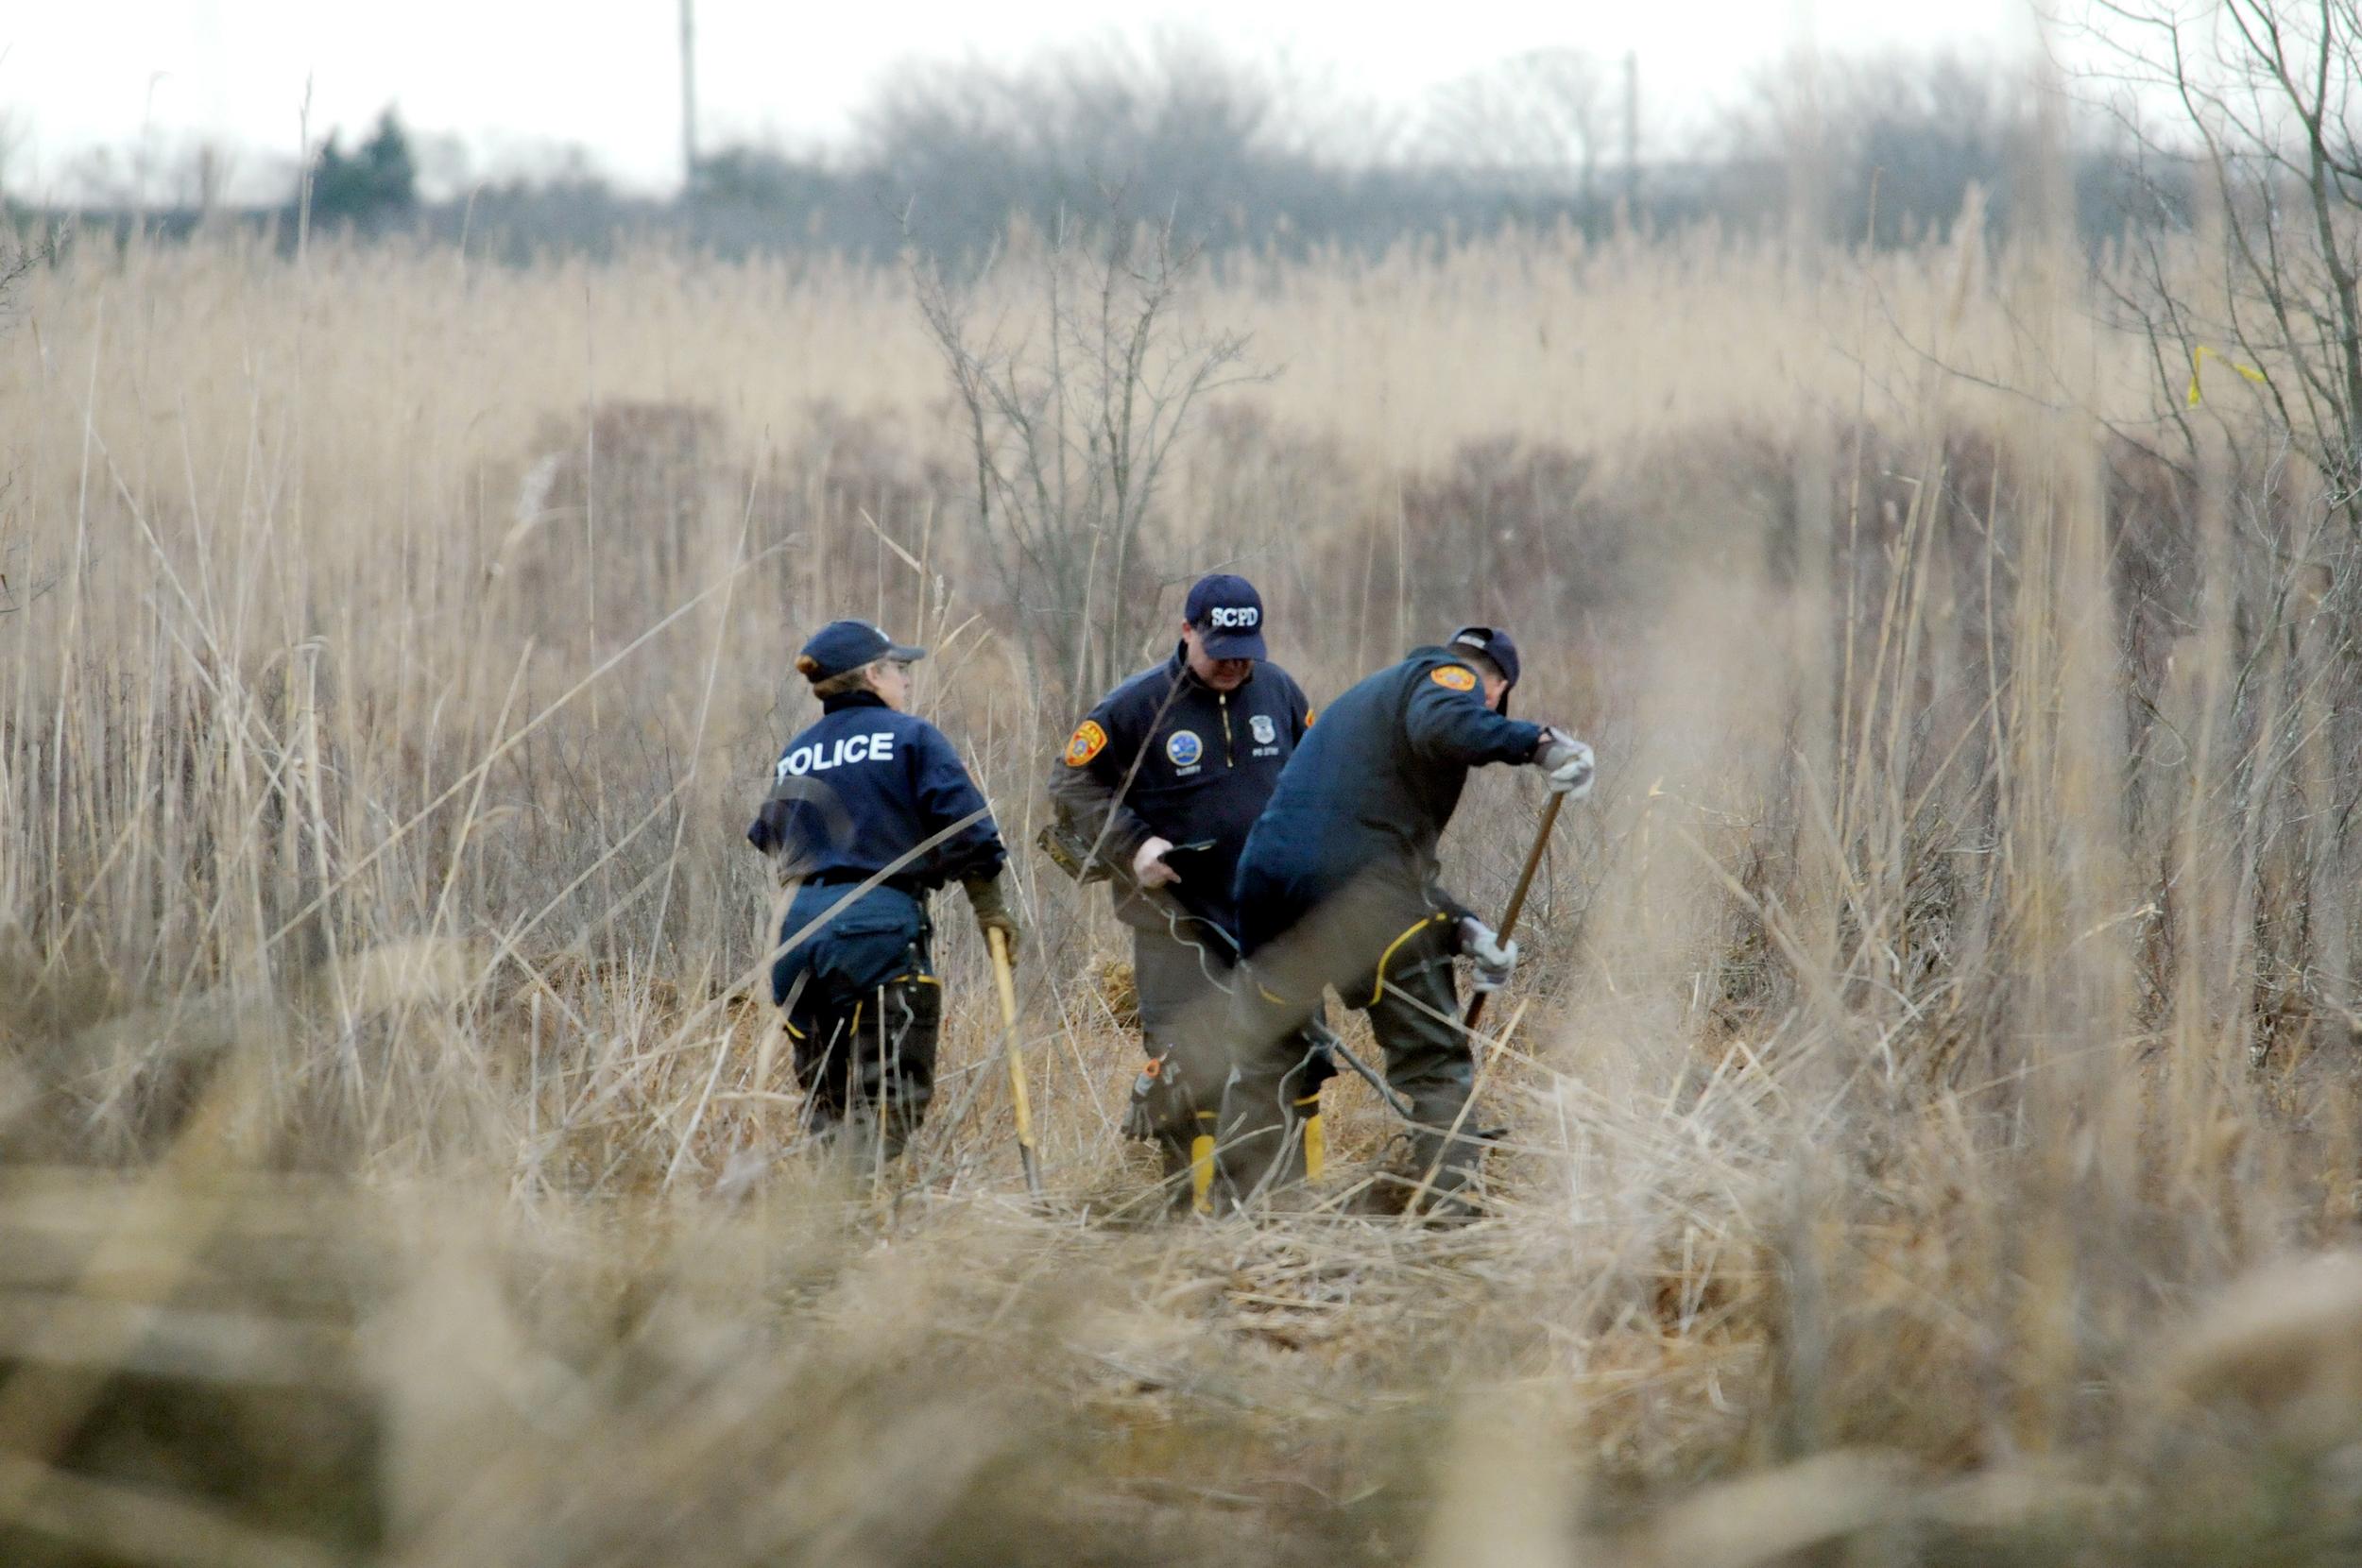 Les enquêteurs de la scène de crime utilisent des détecteurs de métaux pour fouiller un marais à la recherche des restes de Shannan Gilbert